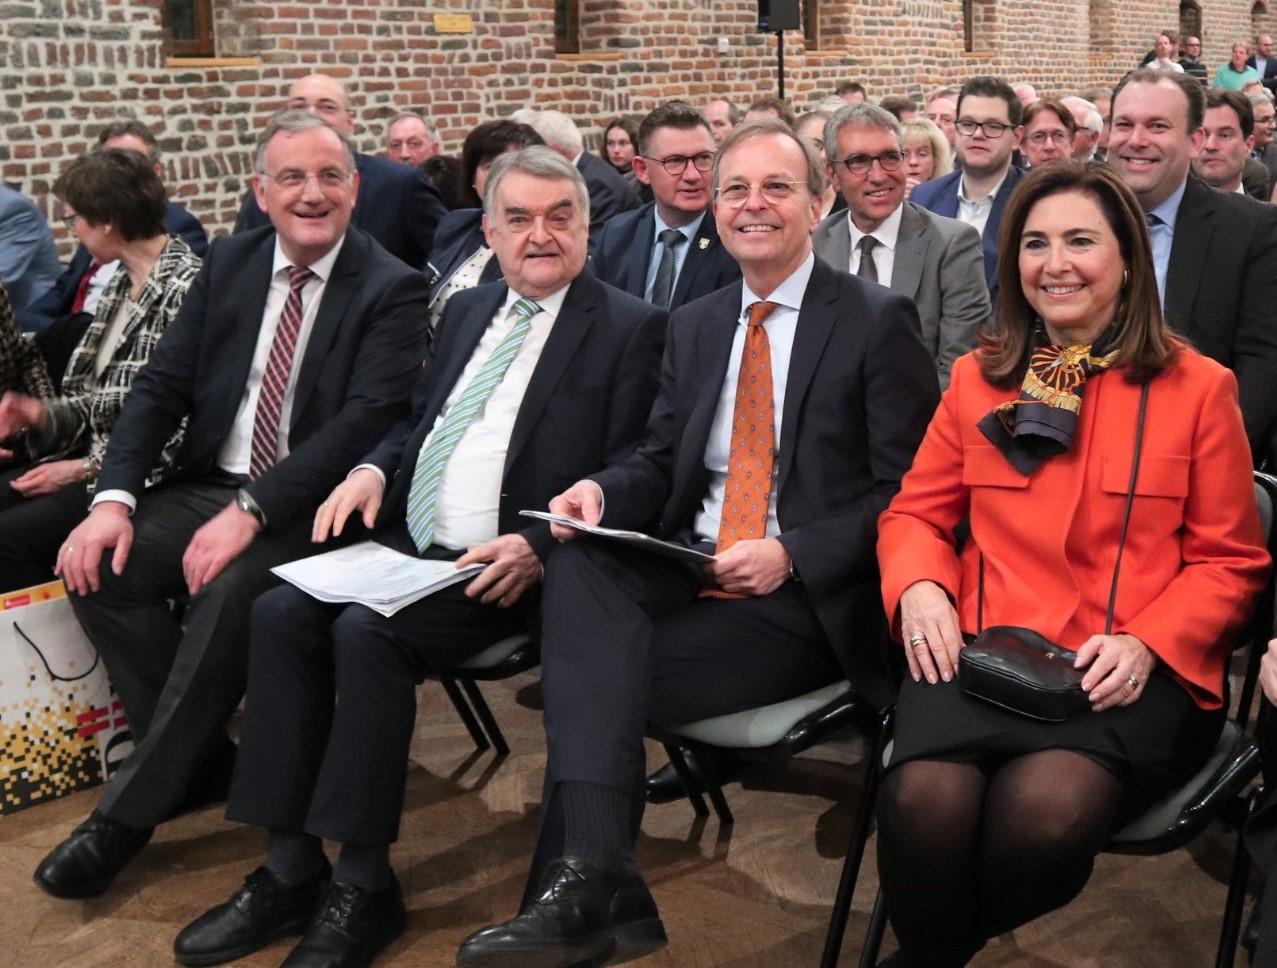 Innenminister Reul beim Neujahrsempfang der CDU Kreis Düren